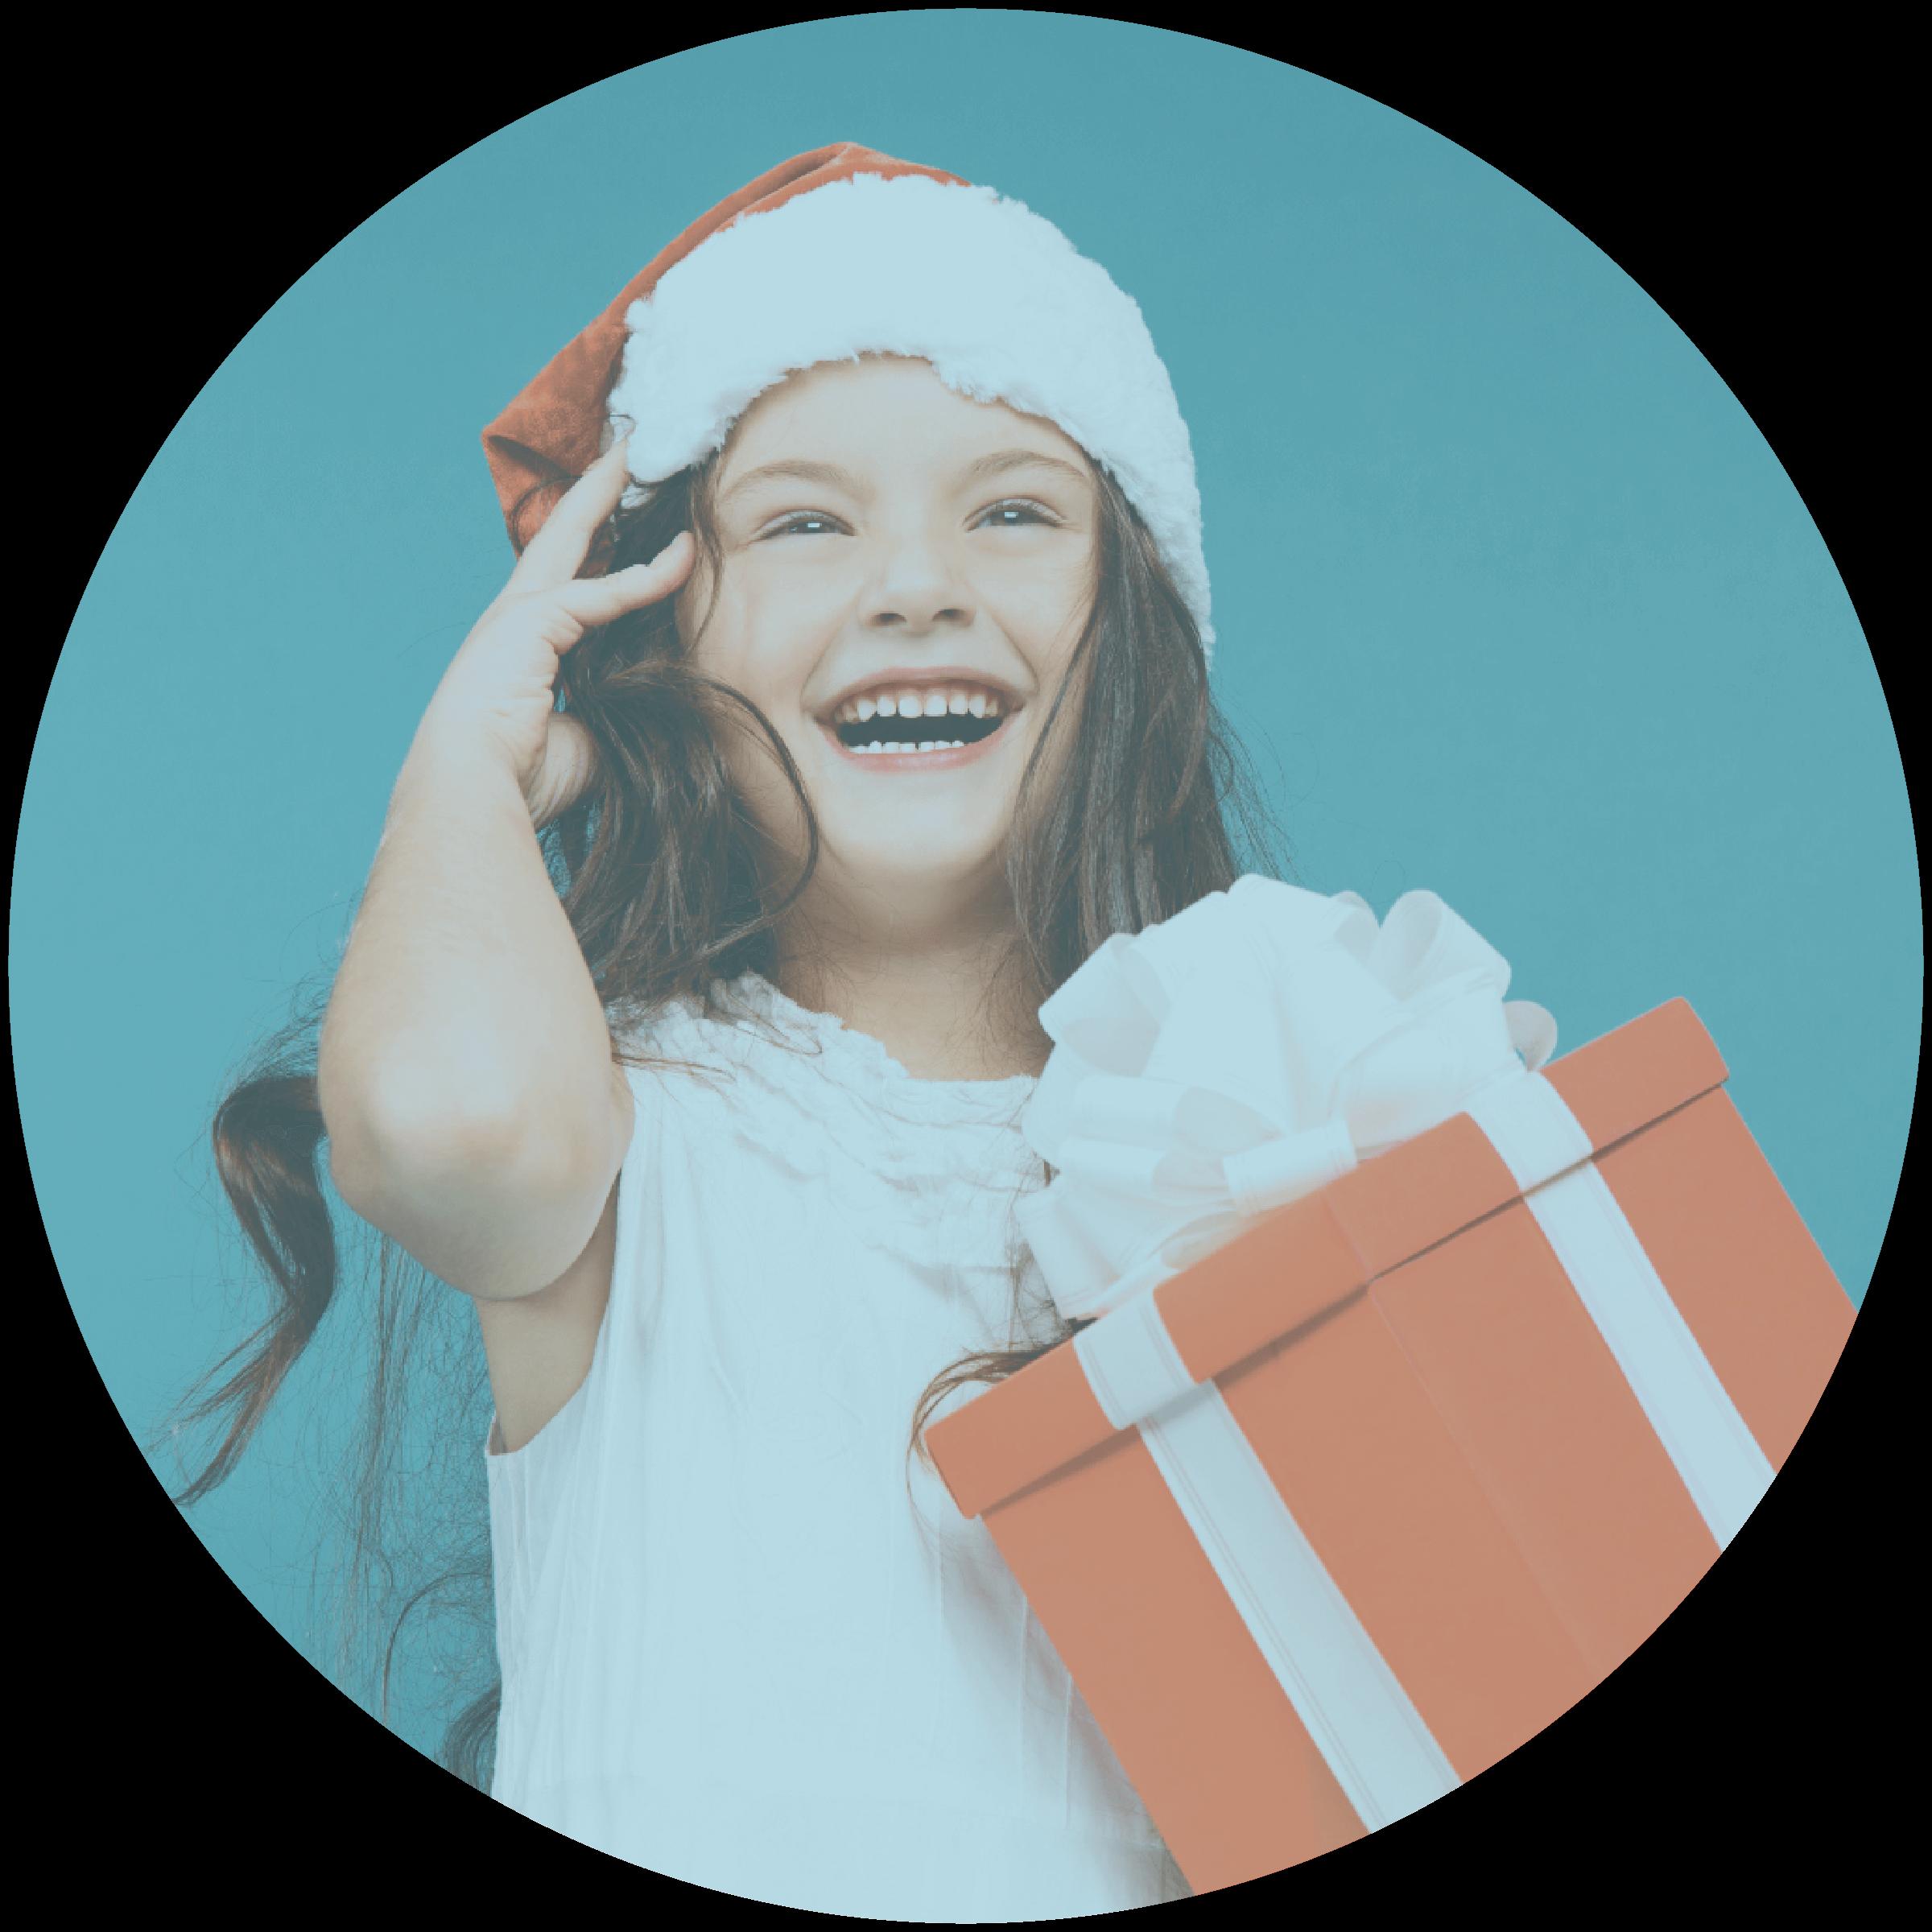 Give Joy Holiday Circle Photo 01